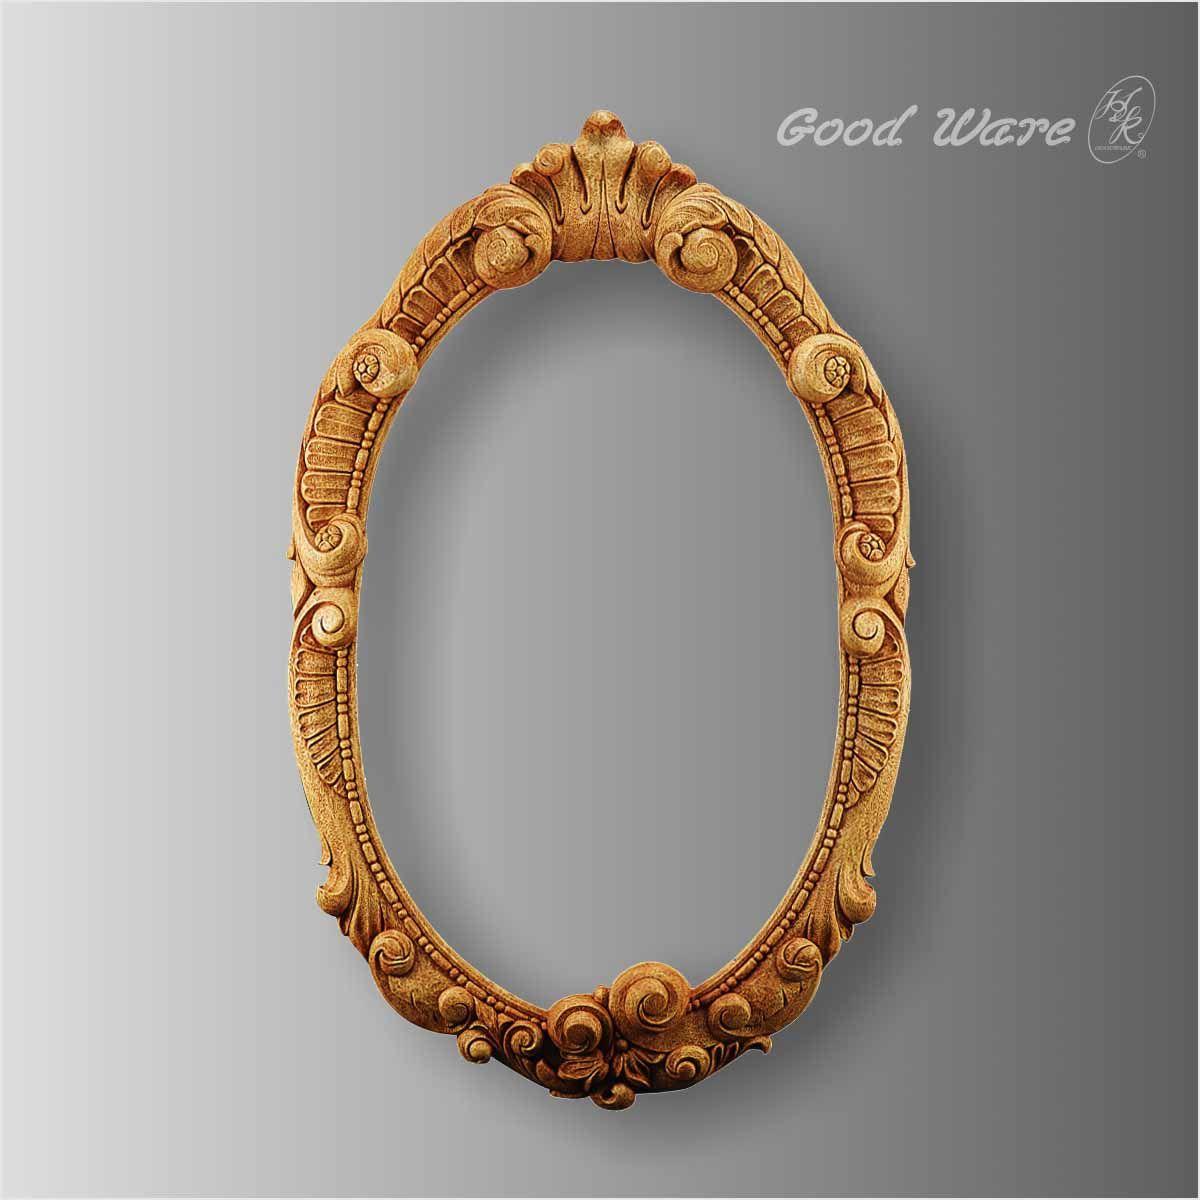 华椢(gui)欧式复古镜子的欧式装饰镜框,鸡蛋的外形,将其在上面进行弧线勾勒,挖出一个坑状,将其形成了一个面高是1005毫米,面宽是625毫米,面厚是55毫米唯美的镜框,耐用,不会掉色,不会产生细微纤维和粉尘,可以装饰在镜子上。 华椢(gui)欧式装饰镜框的详细参数